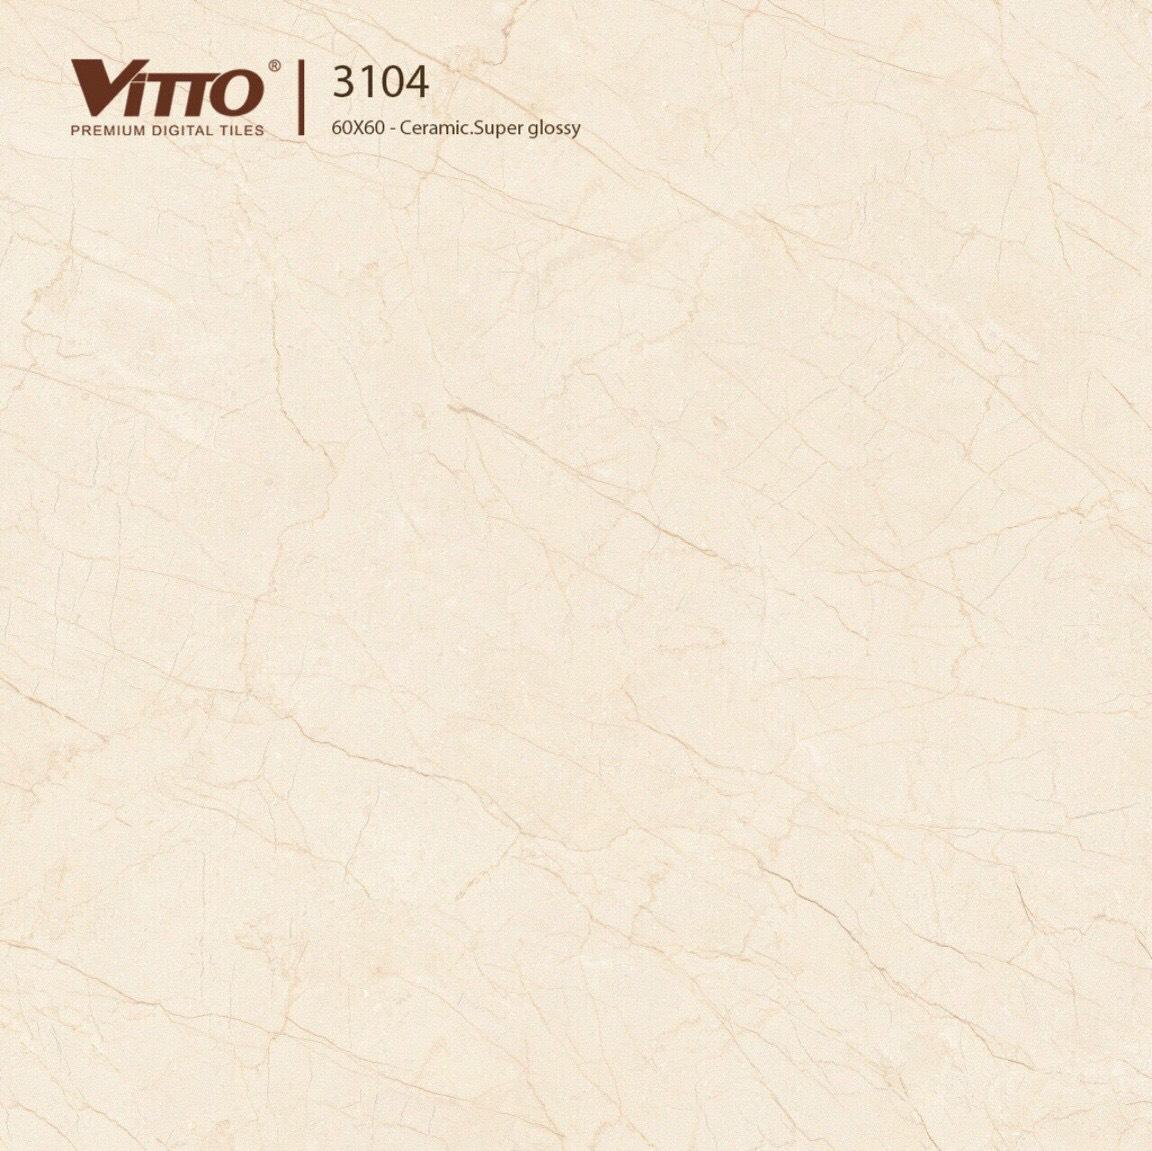 Gạch lát nền 600x600 Vitto mã 3104 loại A1